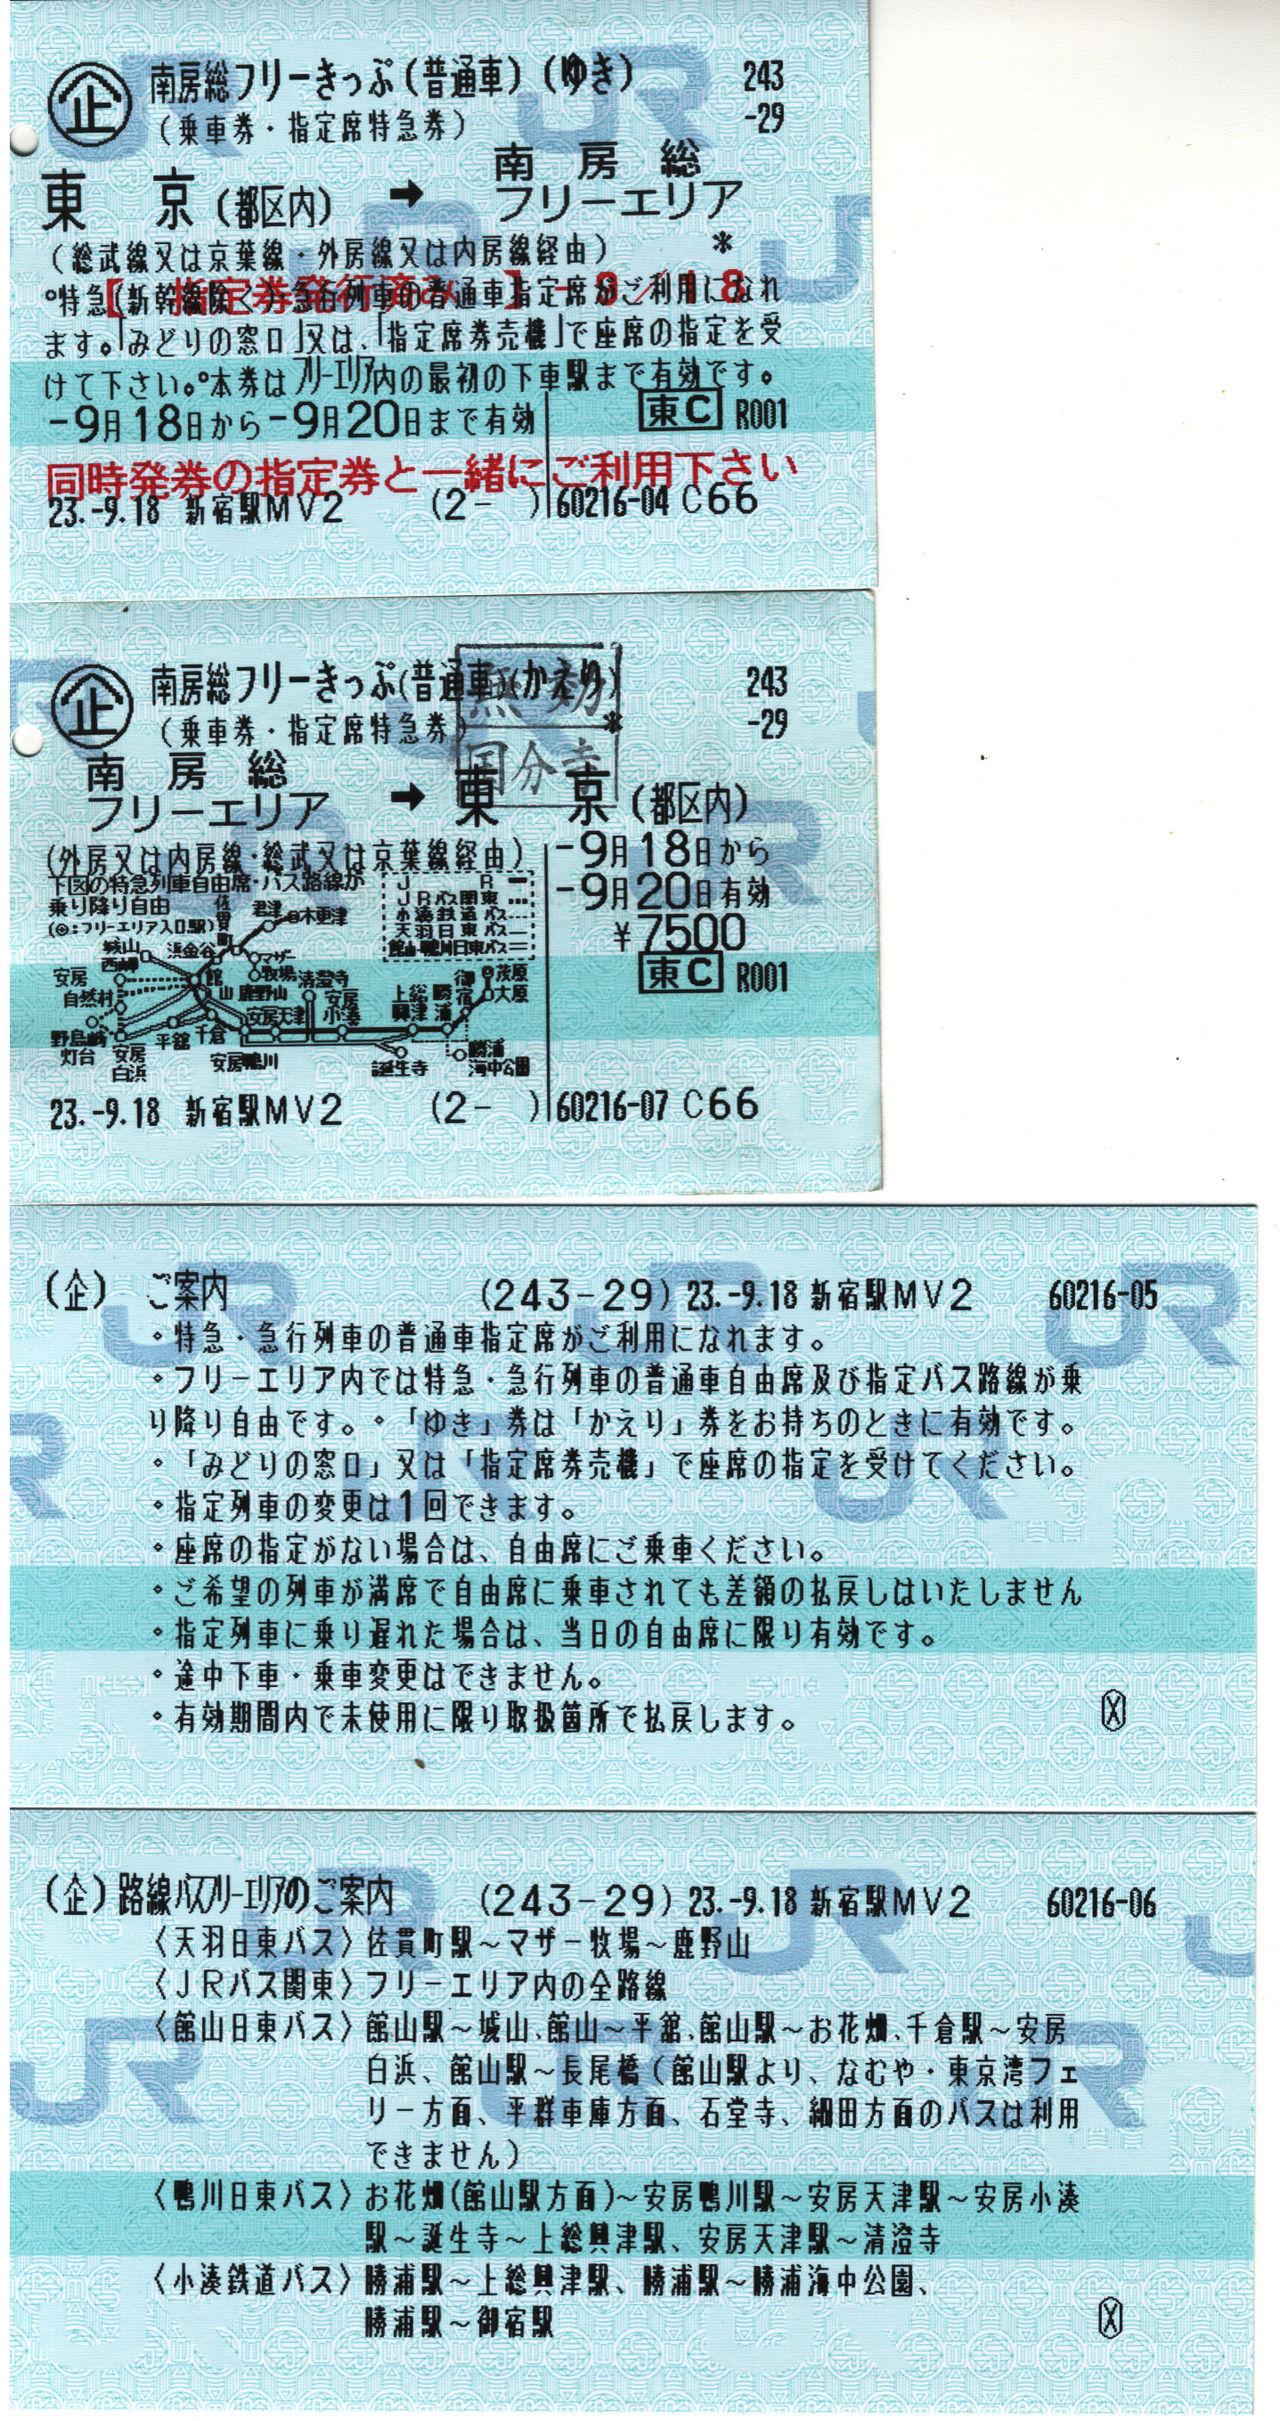 修行&切符 : フリーきっぷ - li...